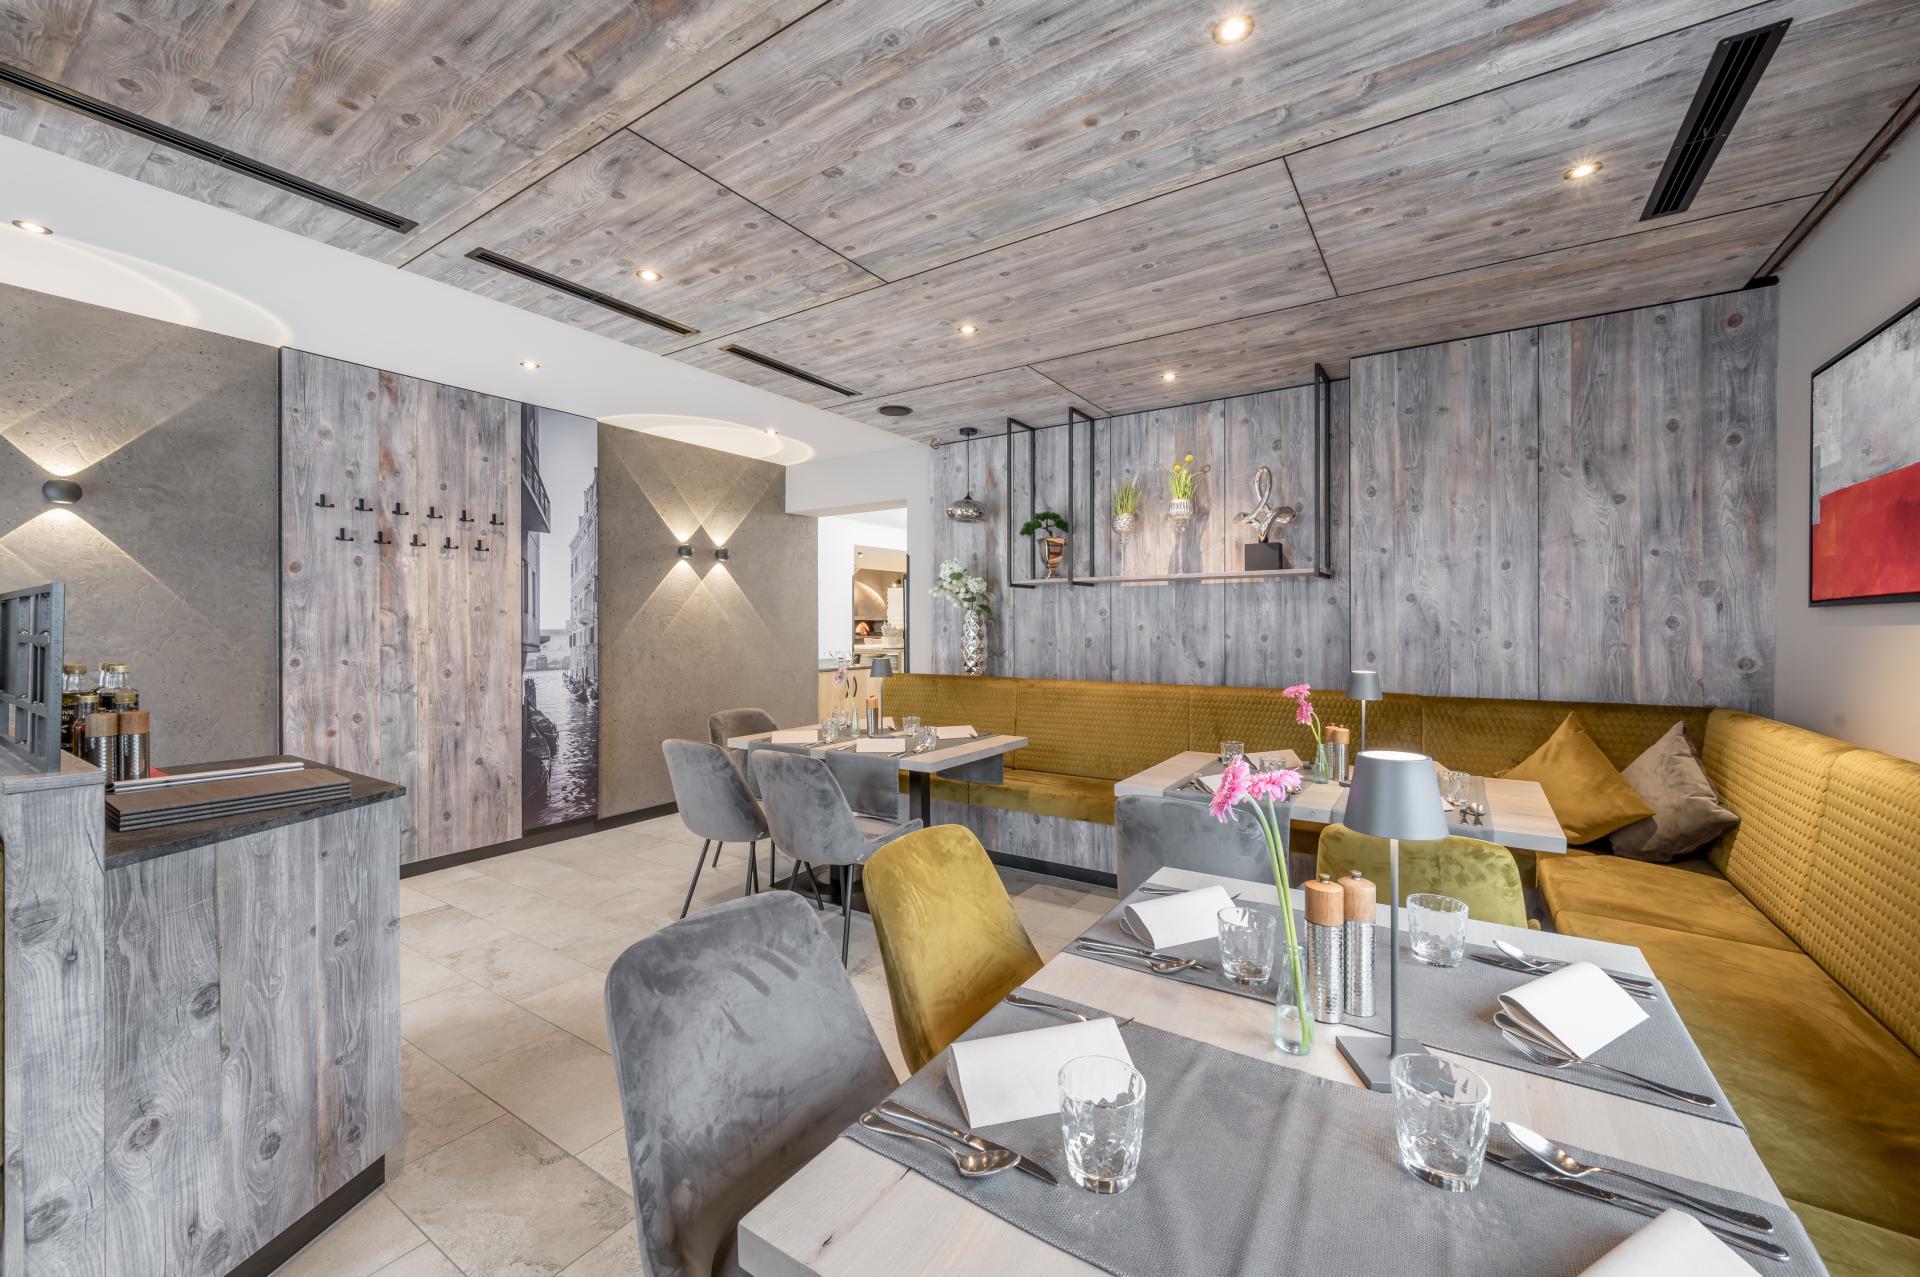 Restaurant-Appartements #Willkommen#Restaurant#Bildergalerie